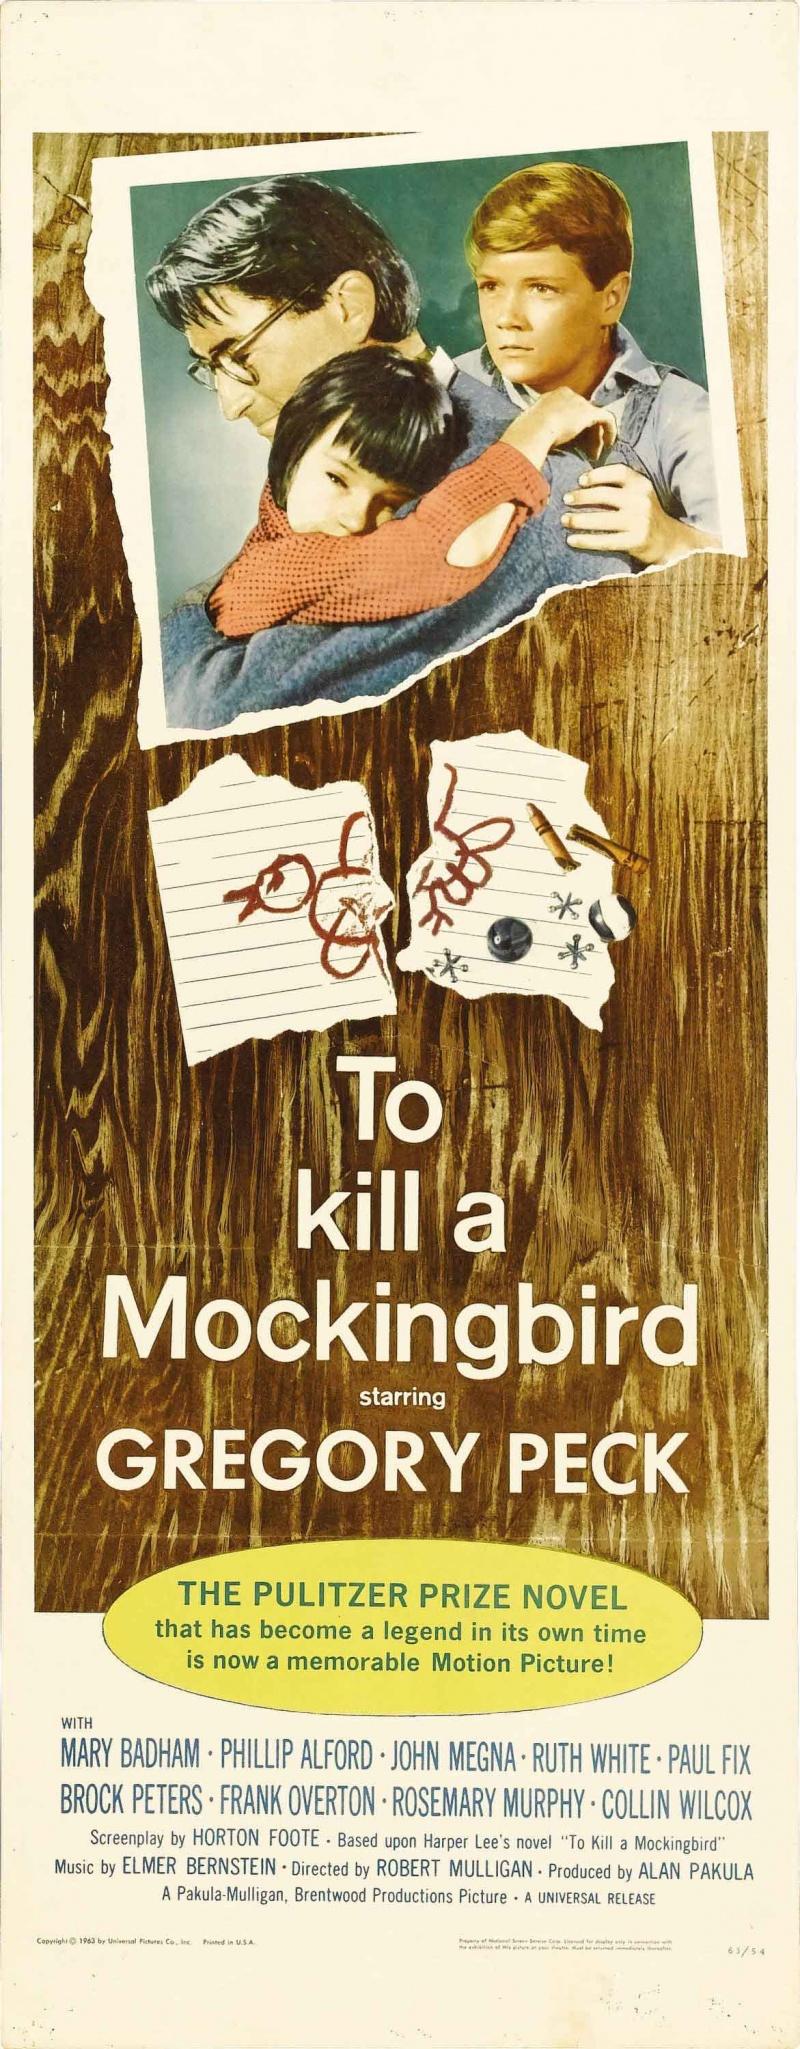 To Kill A Mockingbird Movie Poster Project - oc-ubezpieczenia info